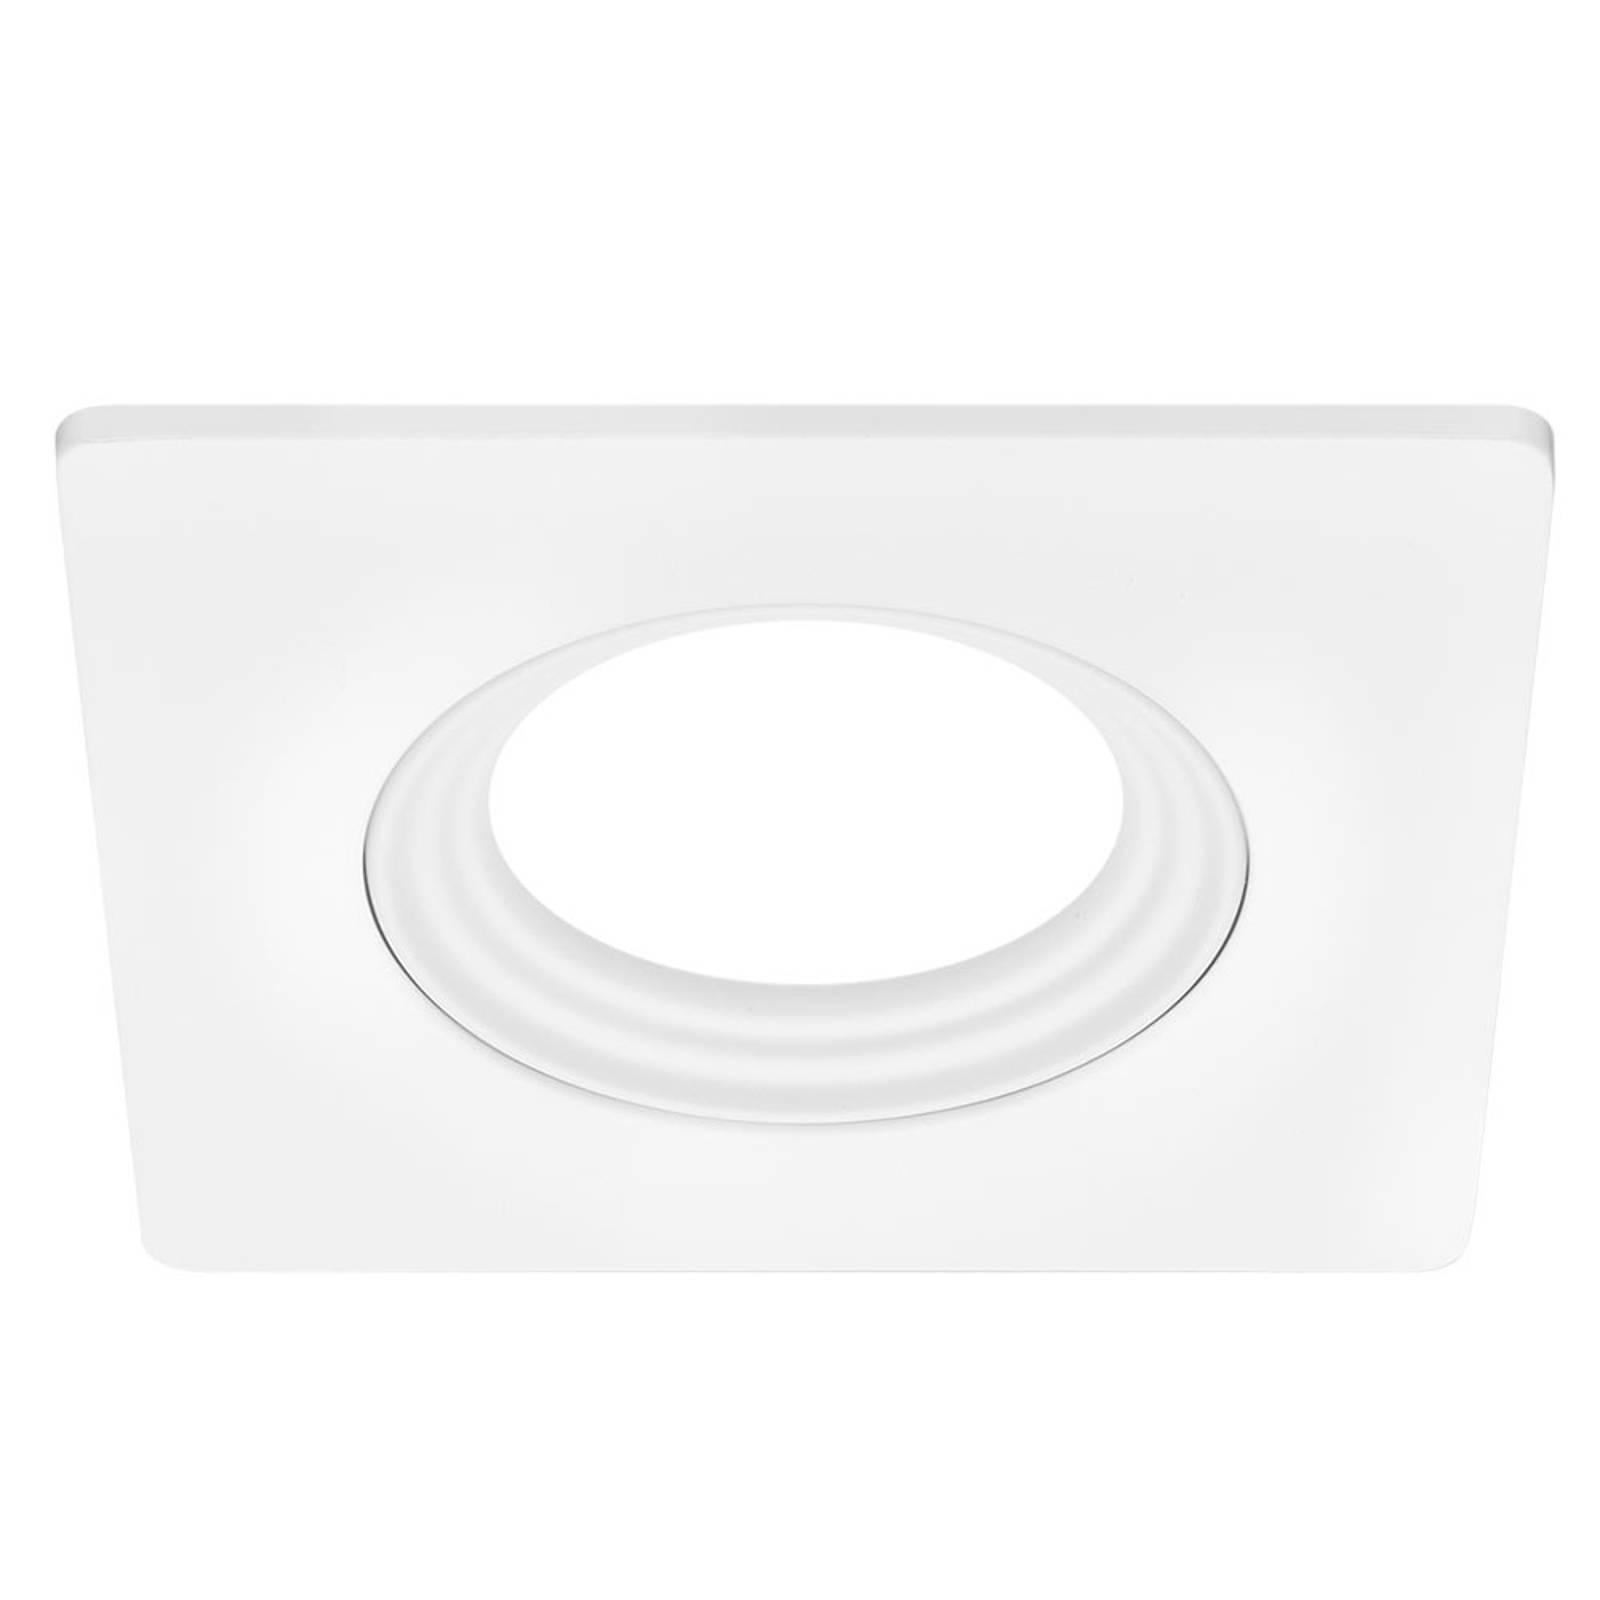 Kulmikas upotuskehys valkoinen (upotusaukko 6,8cm)